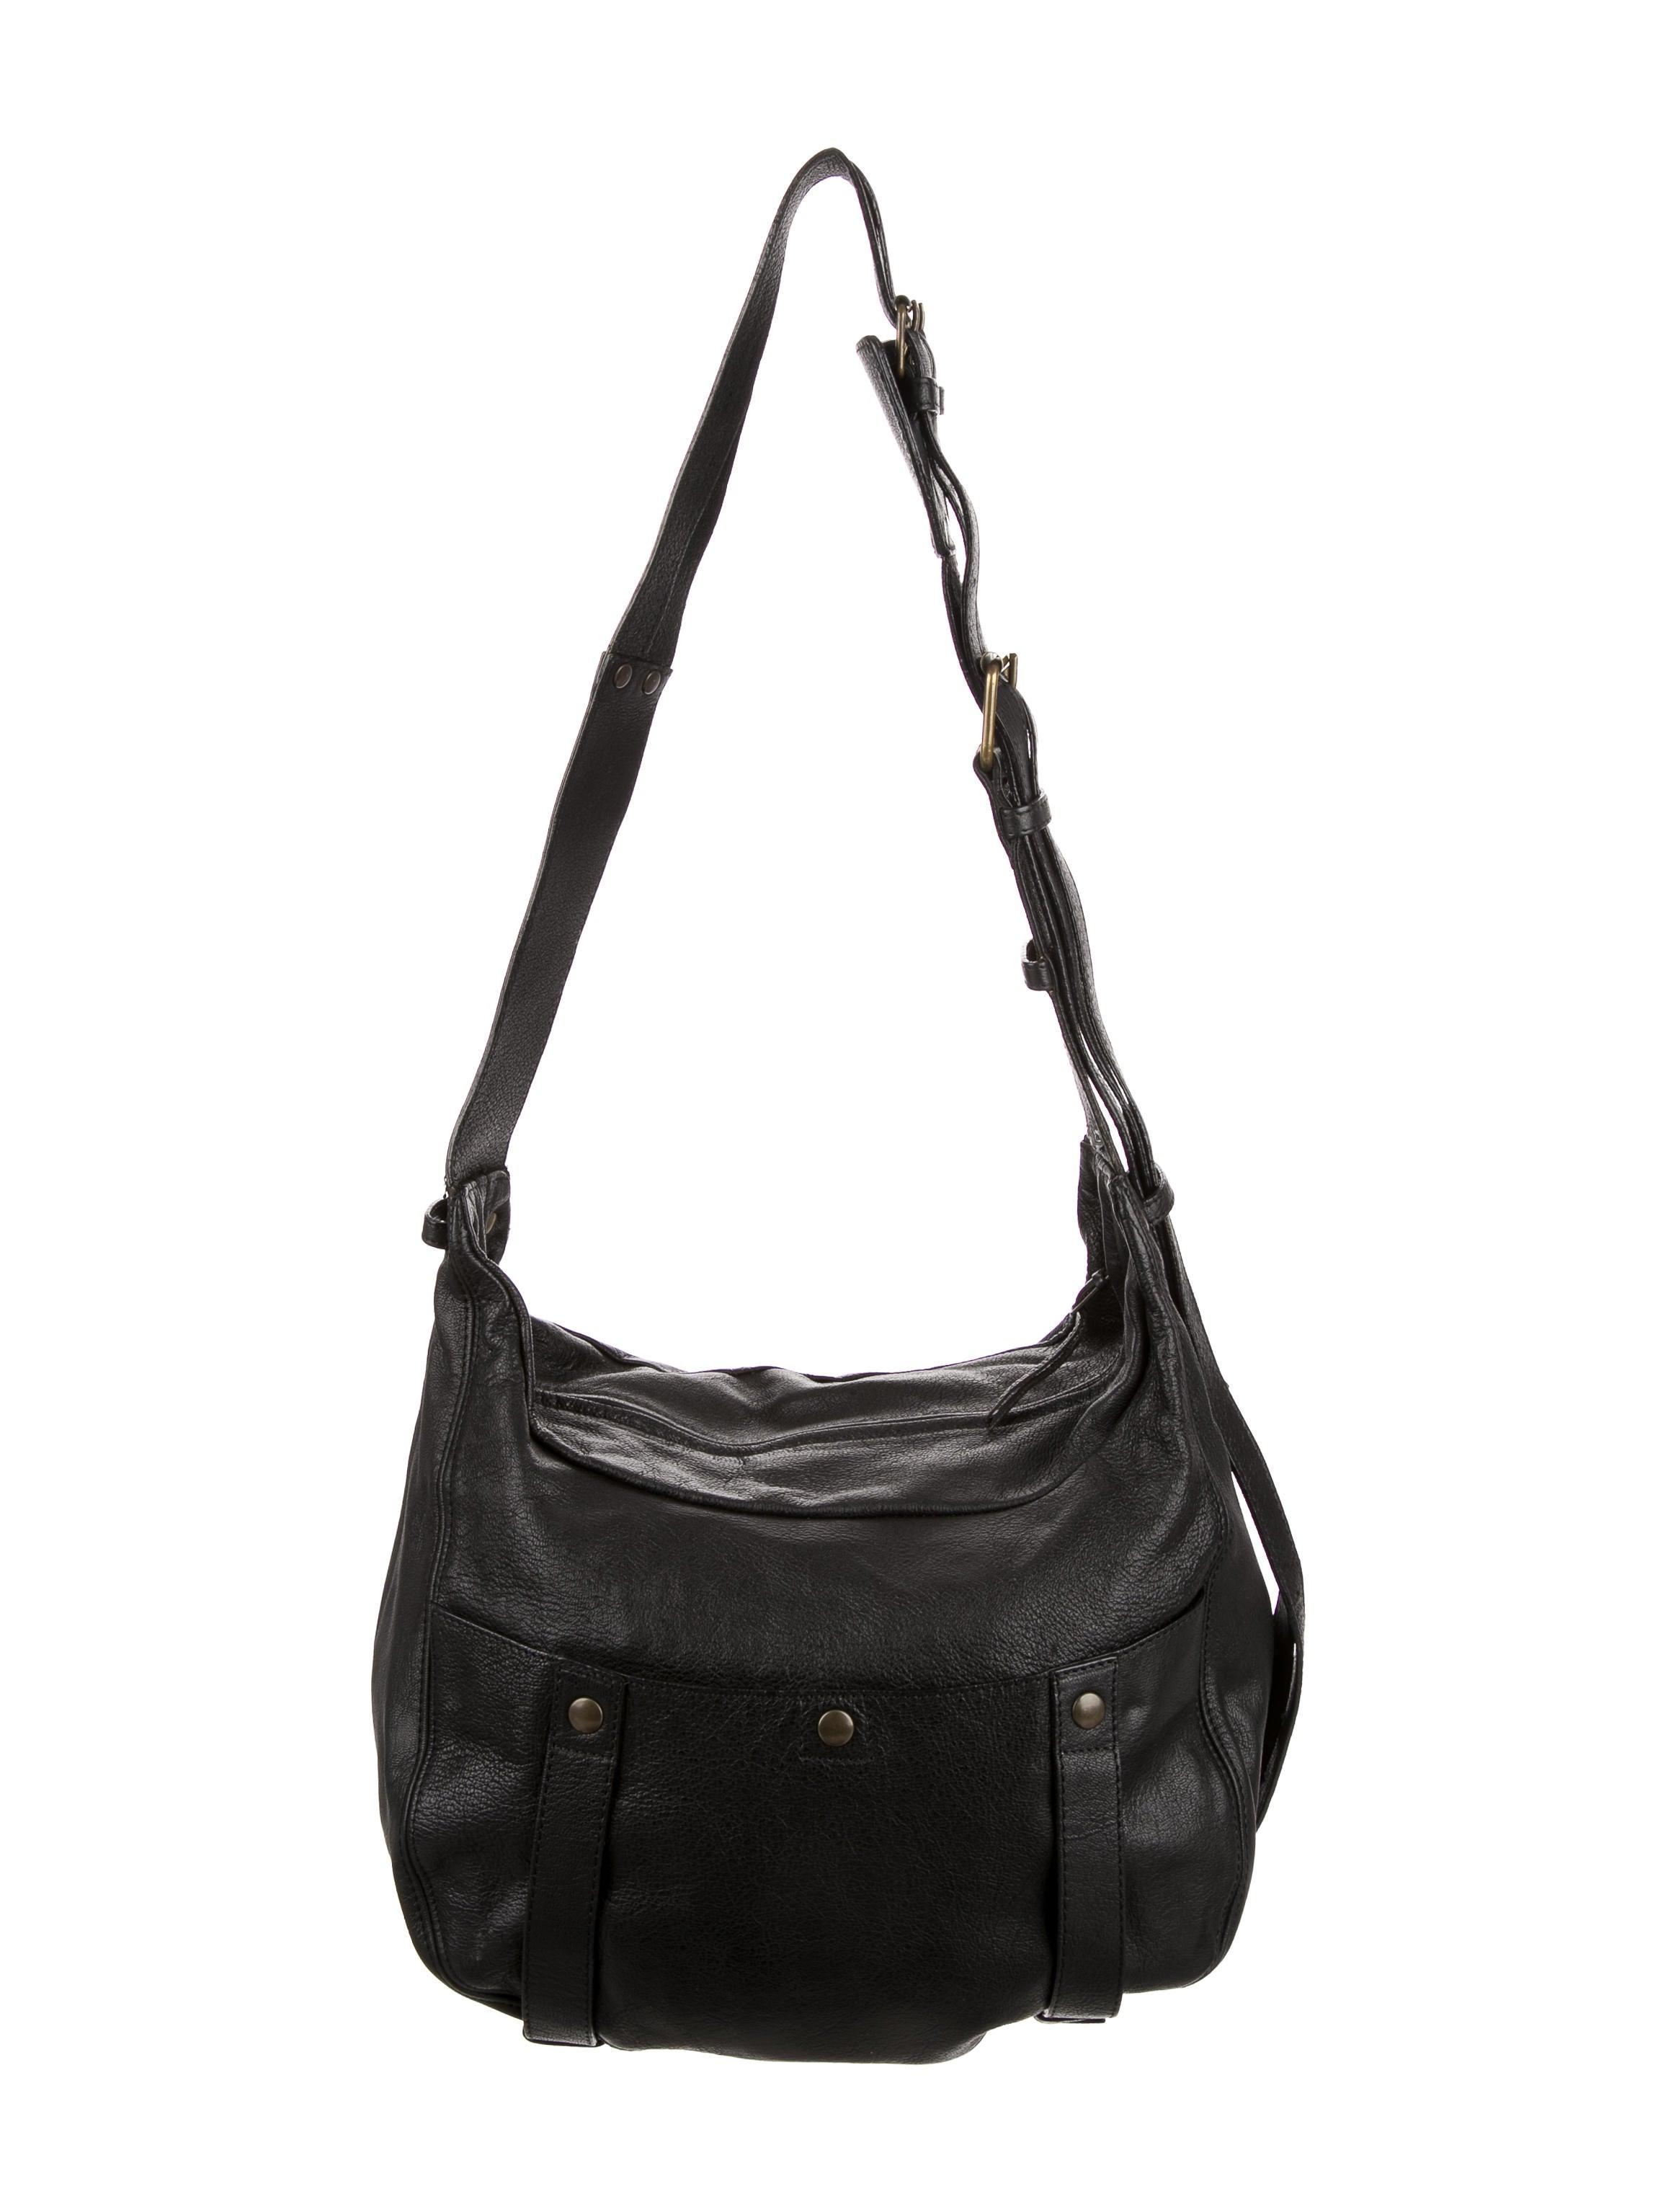 Jerome Dreyfuss Leather Saddle Shoulder Bag Handbags